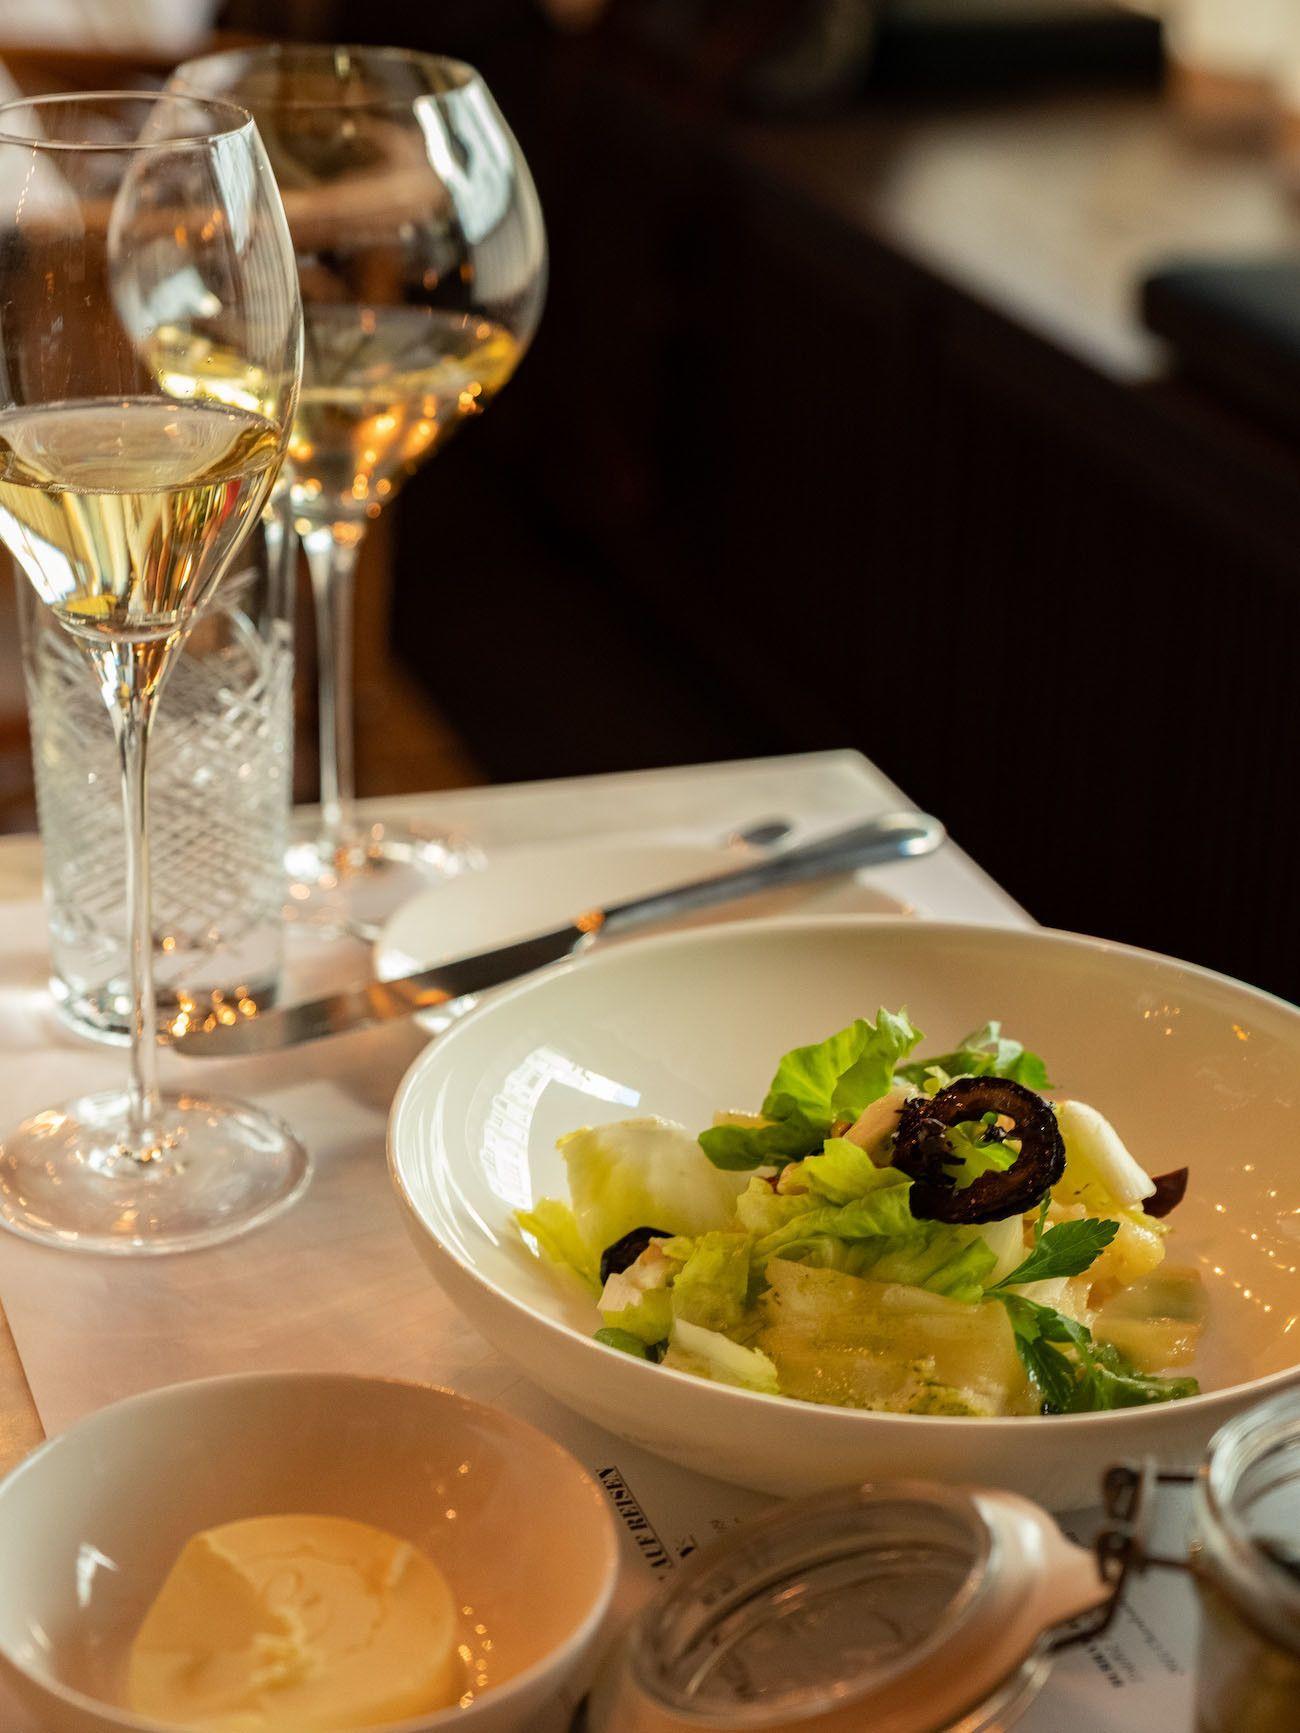 Foodblog, About Fuel, Brasserie Colette Tim Raue, Salat, Wein